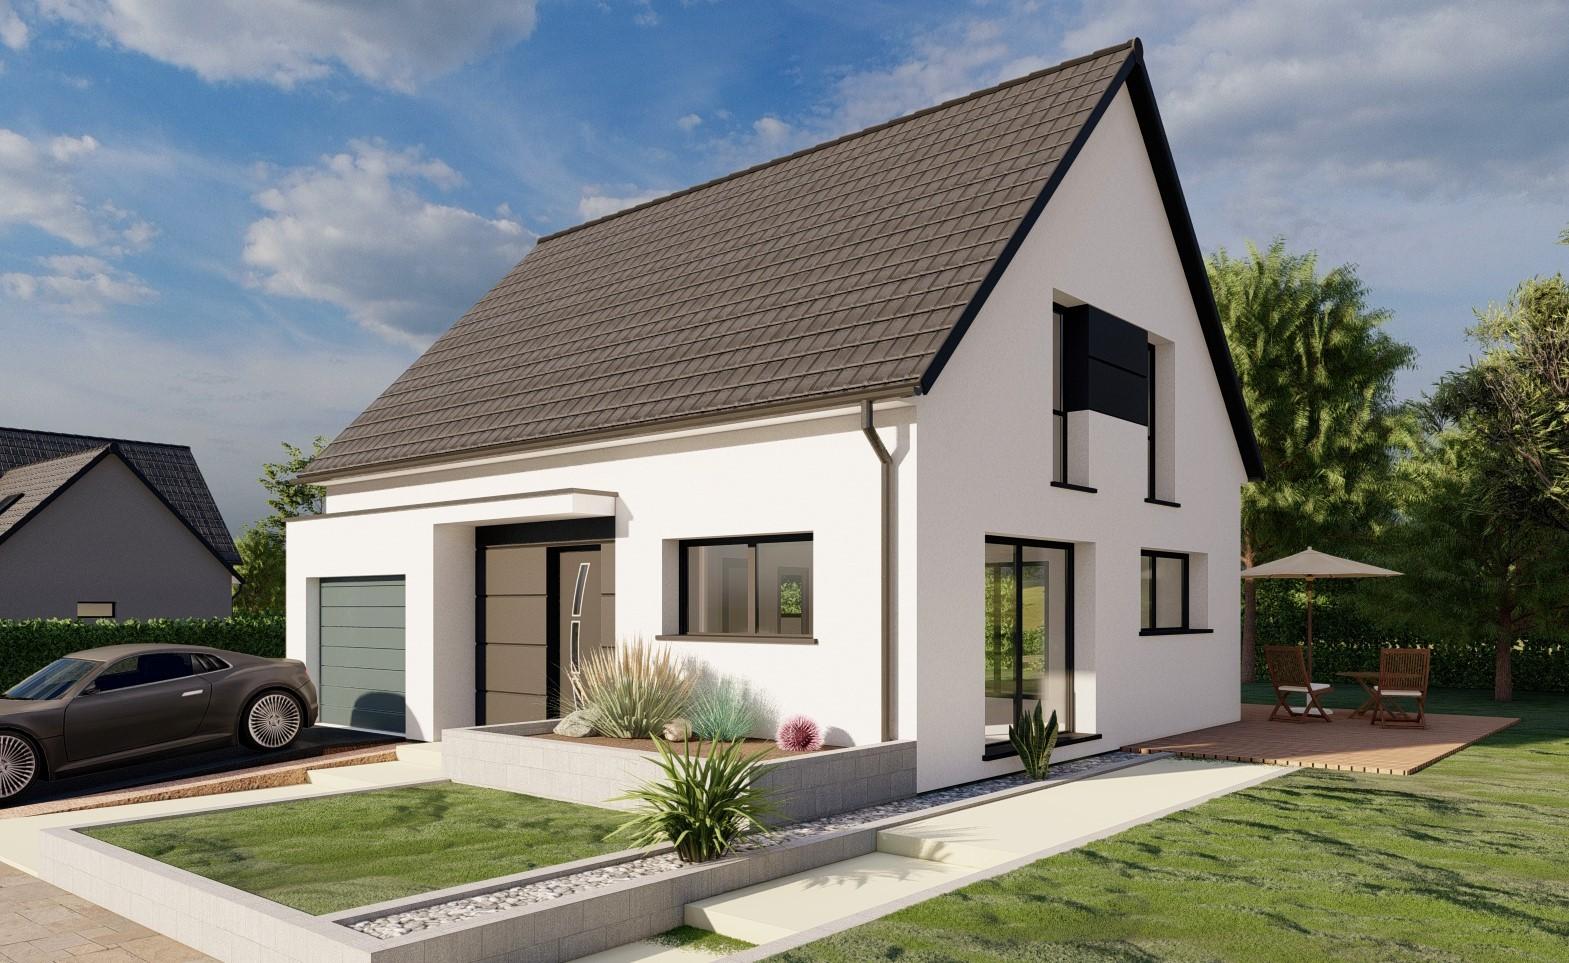 constructeur-maison-Alsamaison-01